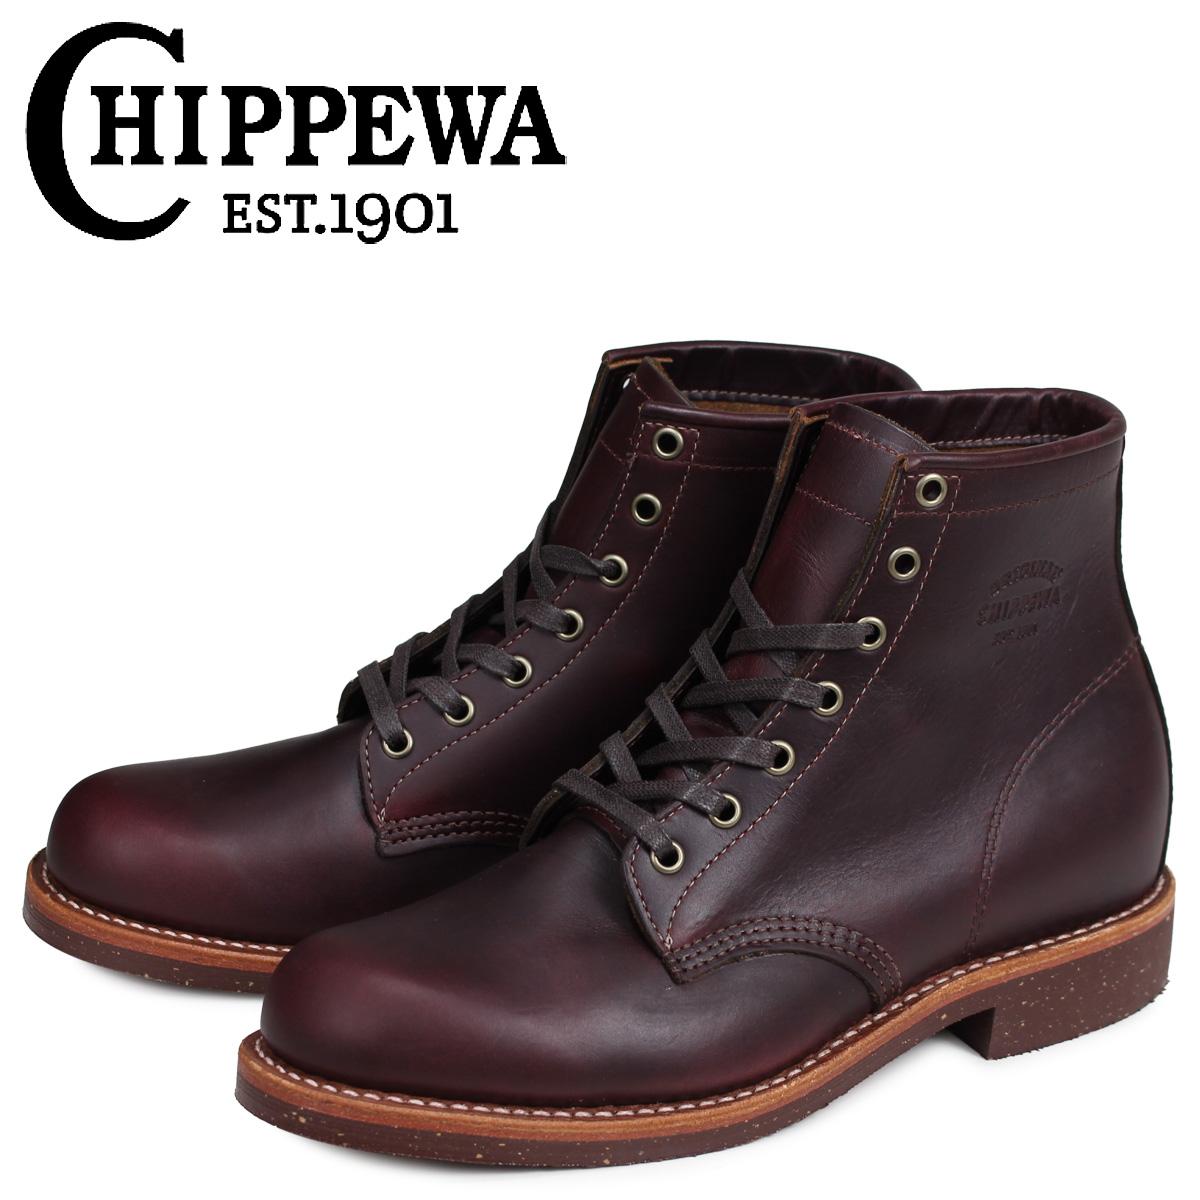 チペワ CHIPPEWA ブーツ 6インチ サービス 6INCH SERVICE BOOT 1901M25 Dワイズ コードバン メンズ [3/30 追加入荷]